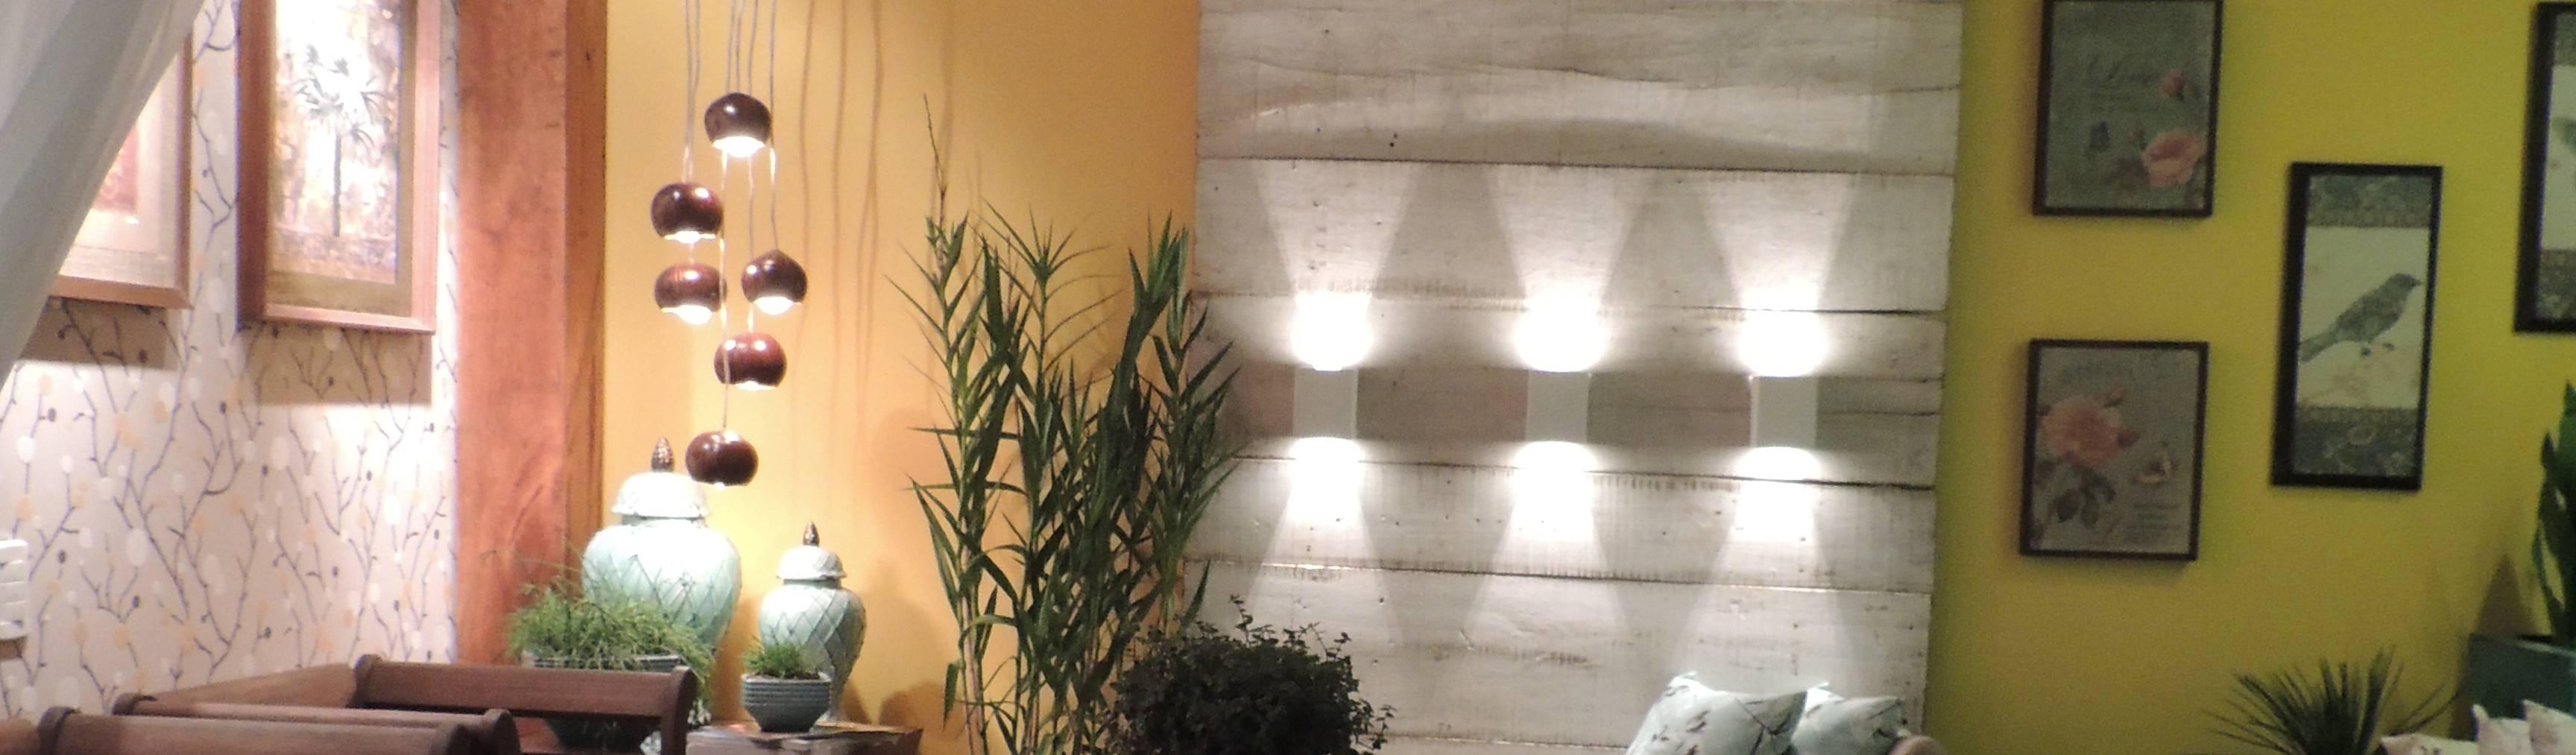 Denise Fumagalli arquitetura e interiores